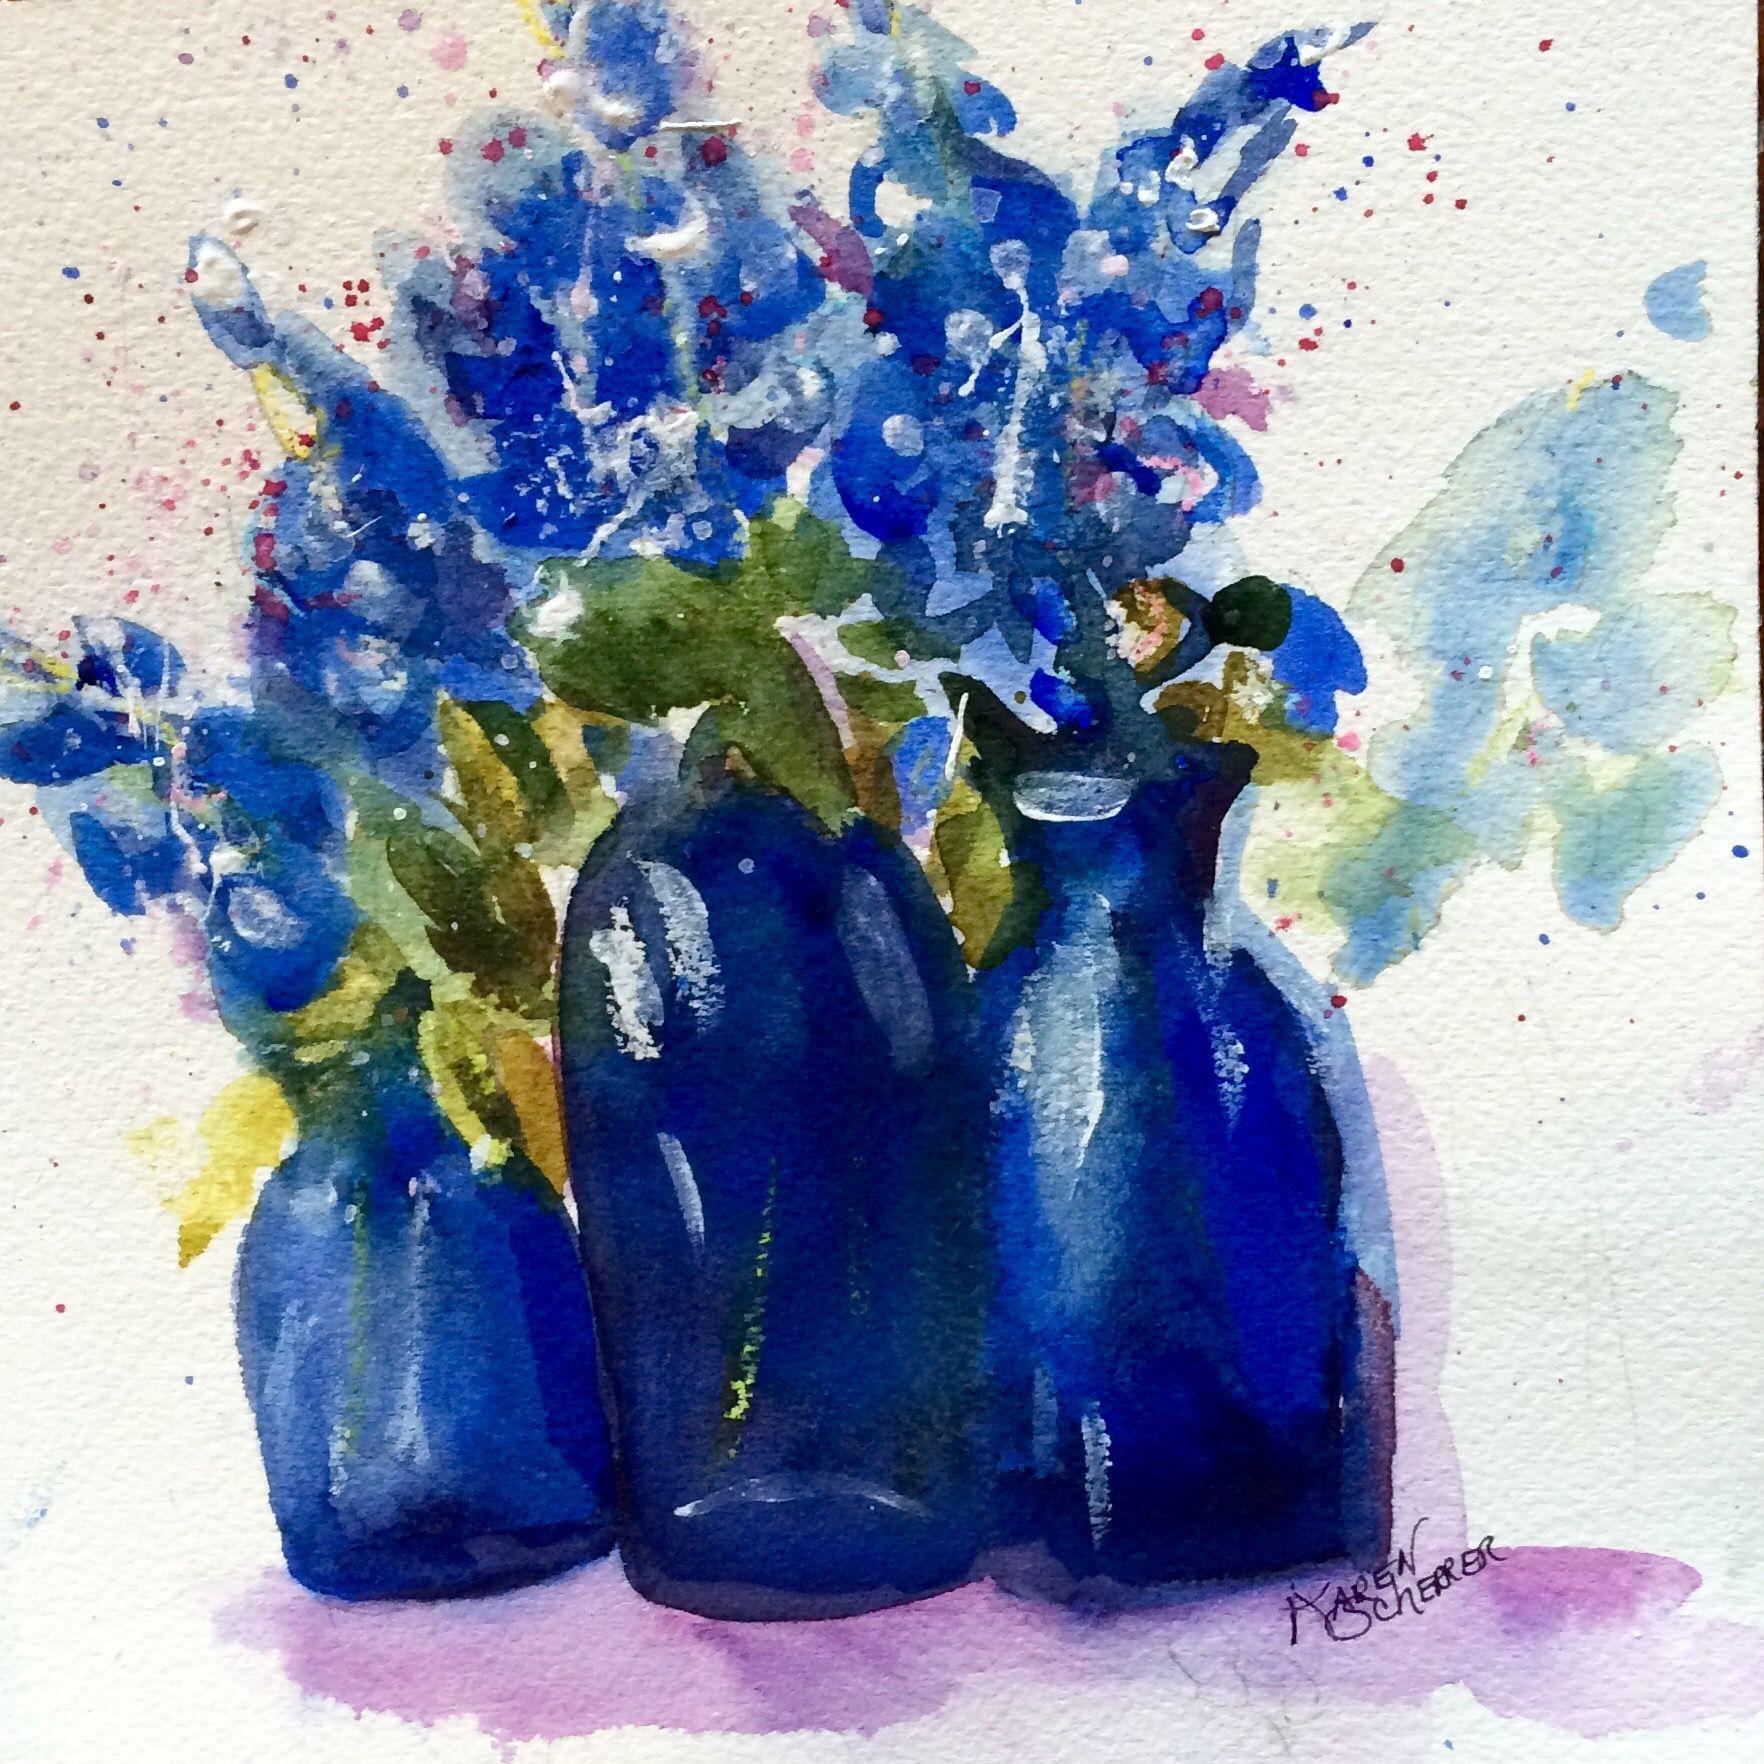 Watercolor artist in texas -  Bluebonnets In Blue By Texas Watercolor Artist Karen Scherrer